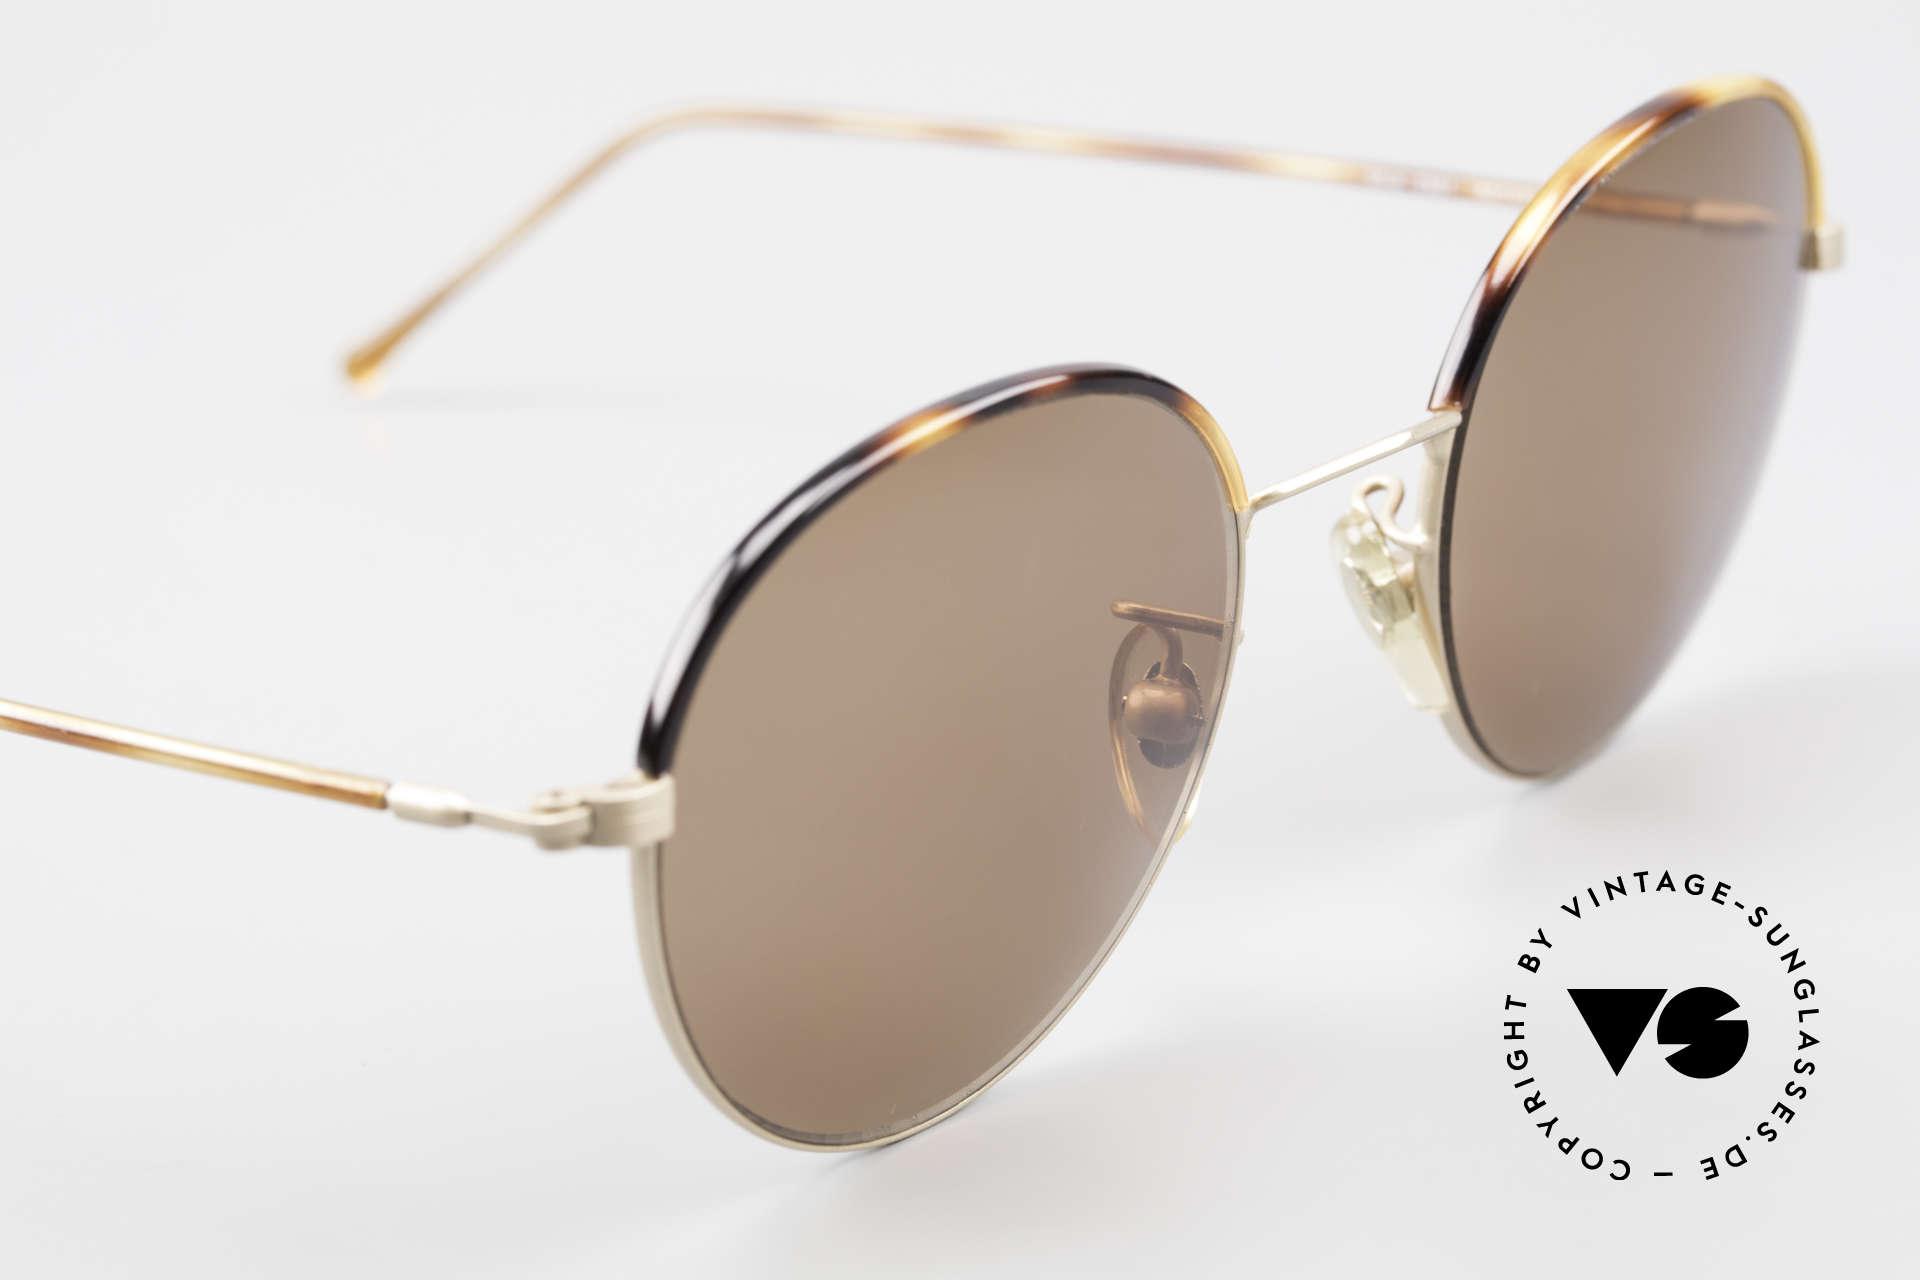 Cutler And Gross 0391 Runde Brille Windsorringe, ungetragen; Modell ist auch beliebig optisch verglasbar, Passend für Herren und Damen